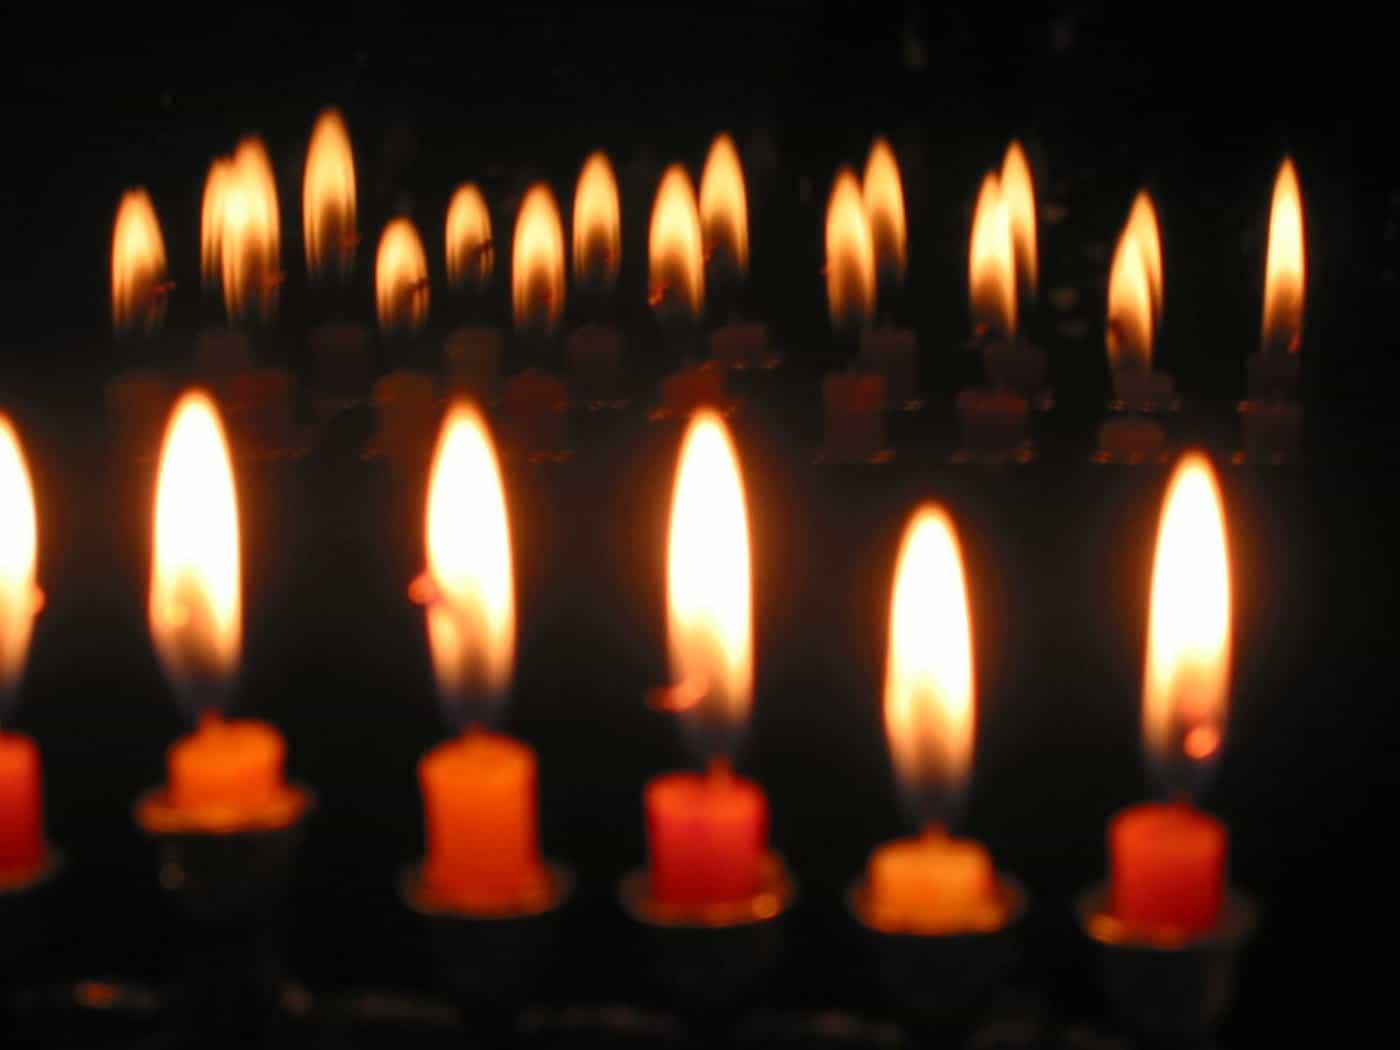 A closeup of candles burning.